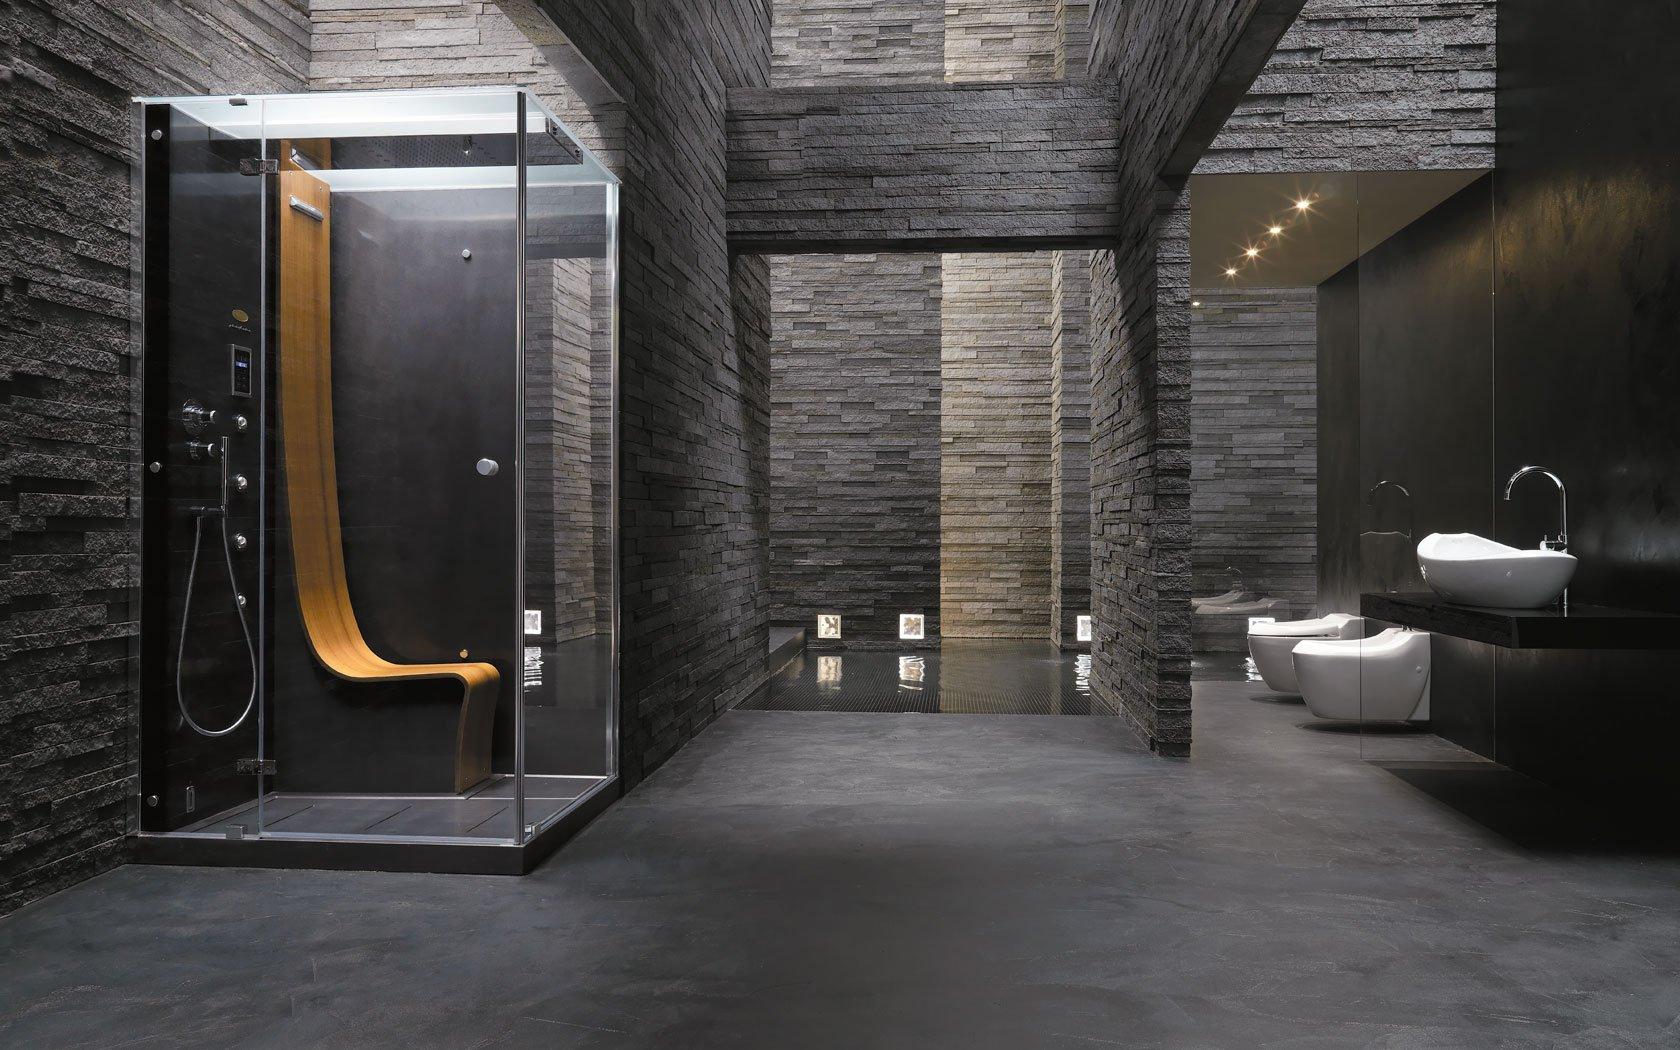 Освещение большой ванной комнаты в черном цвете